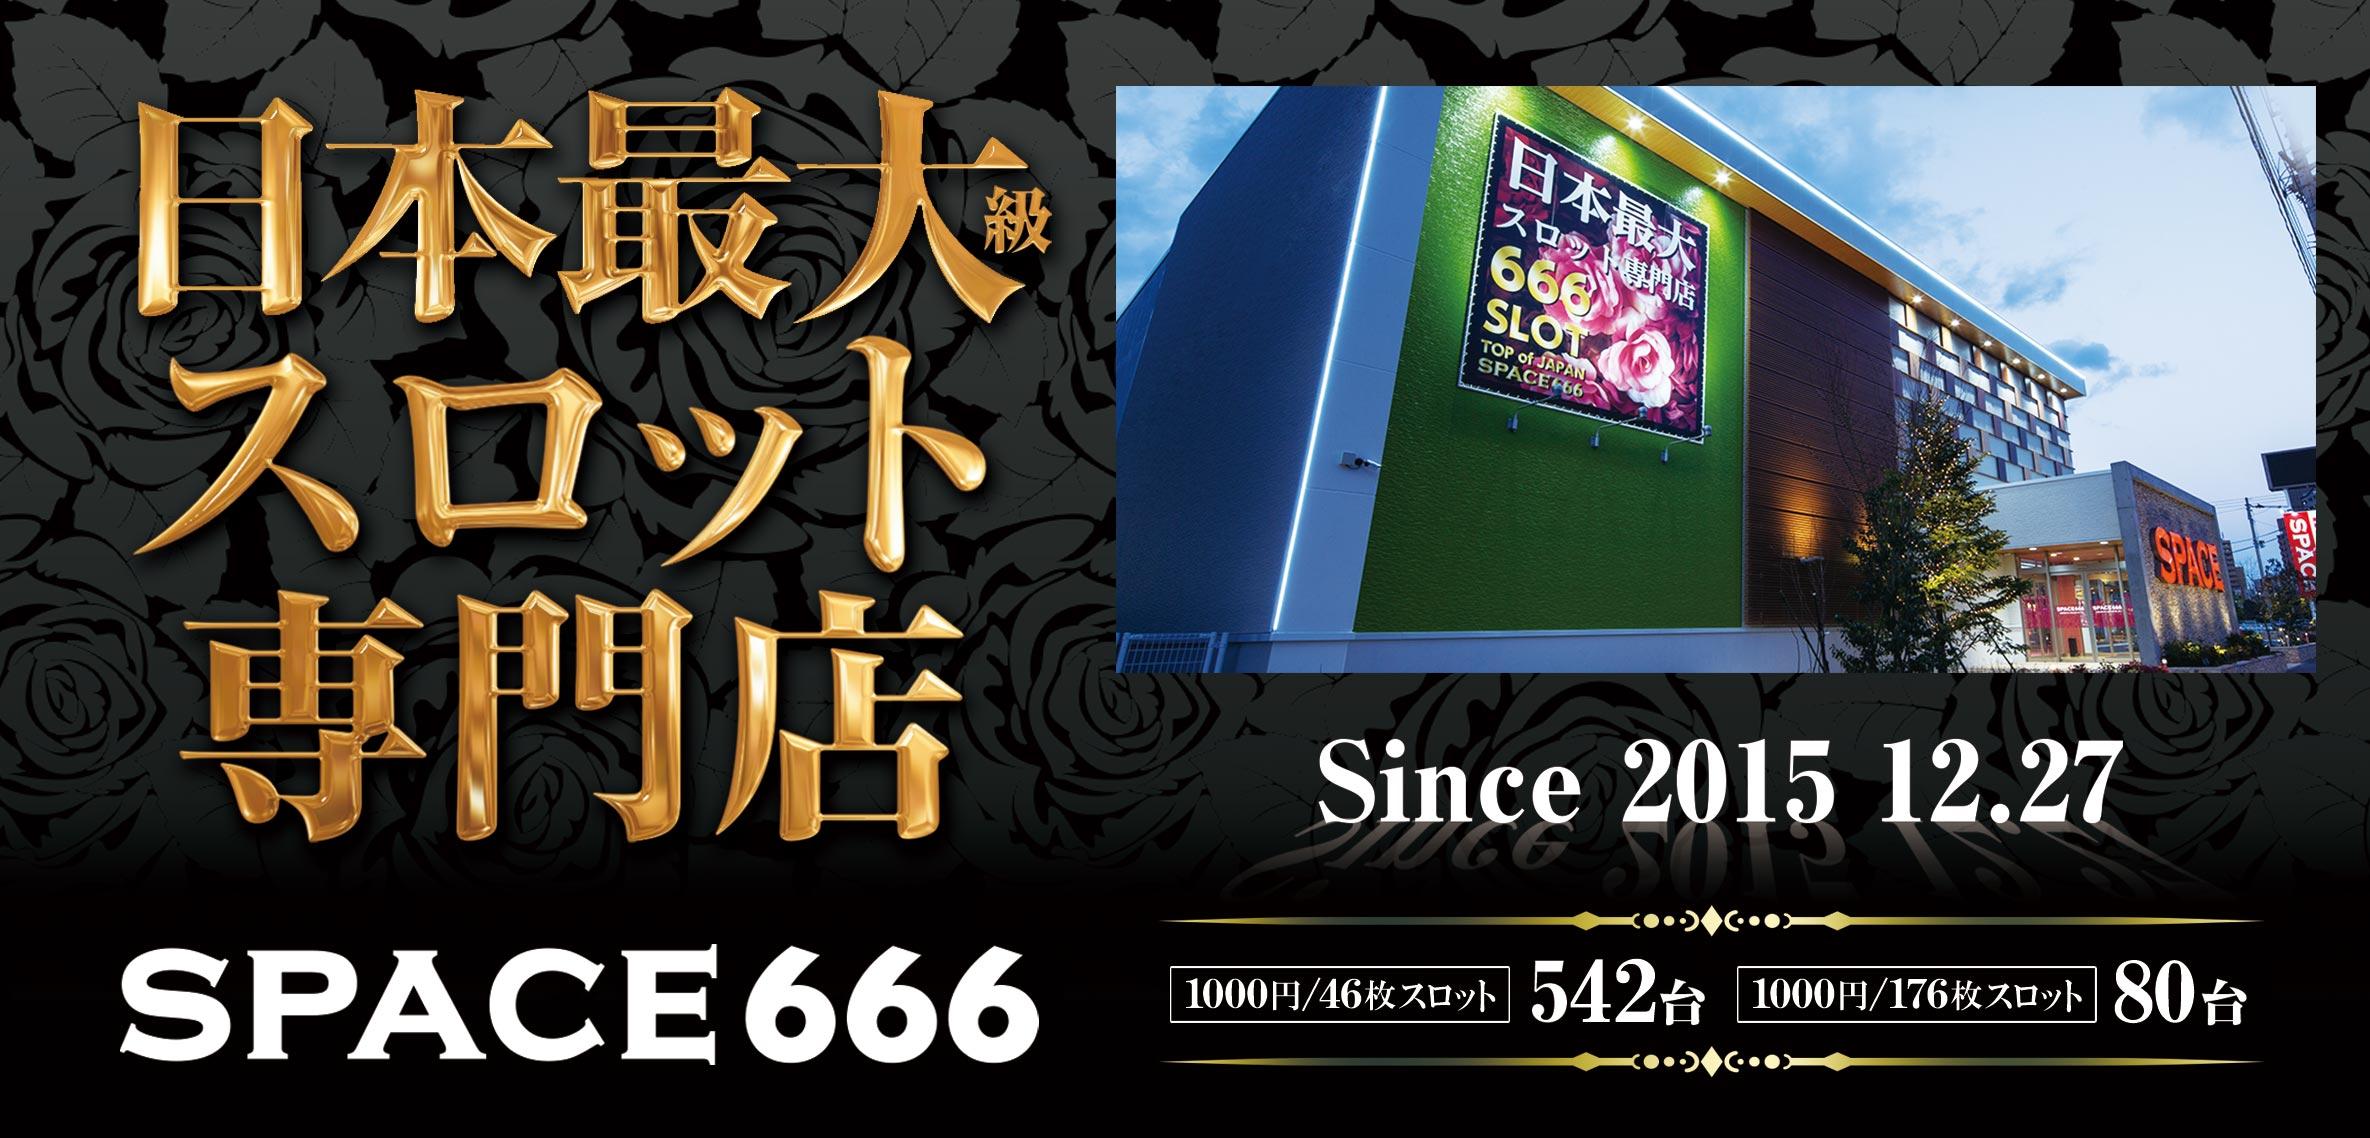 系列店スペース666